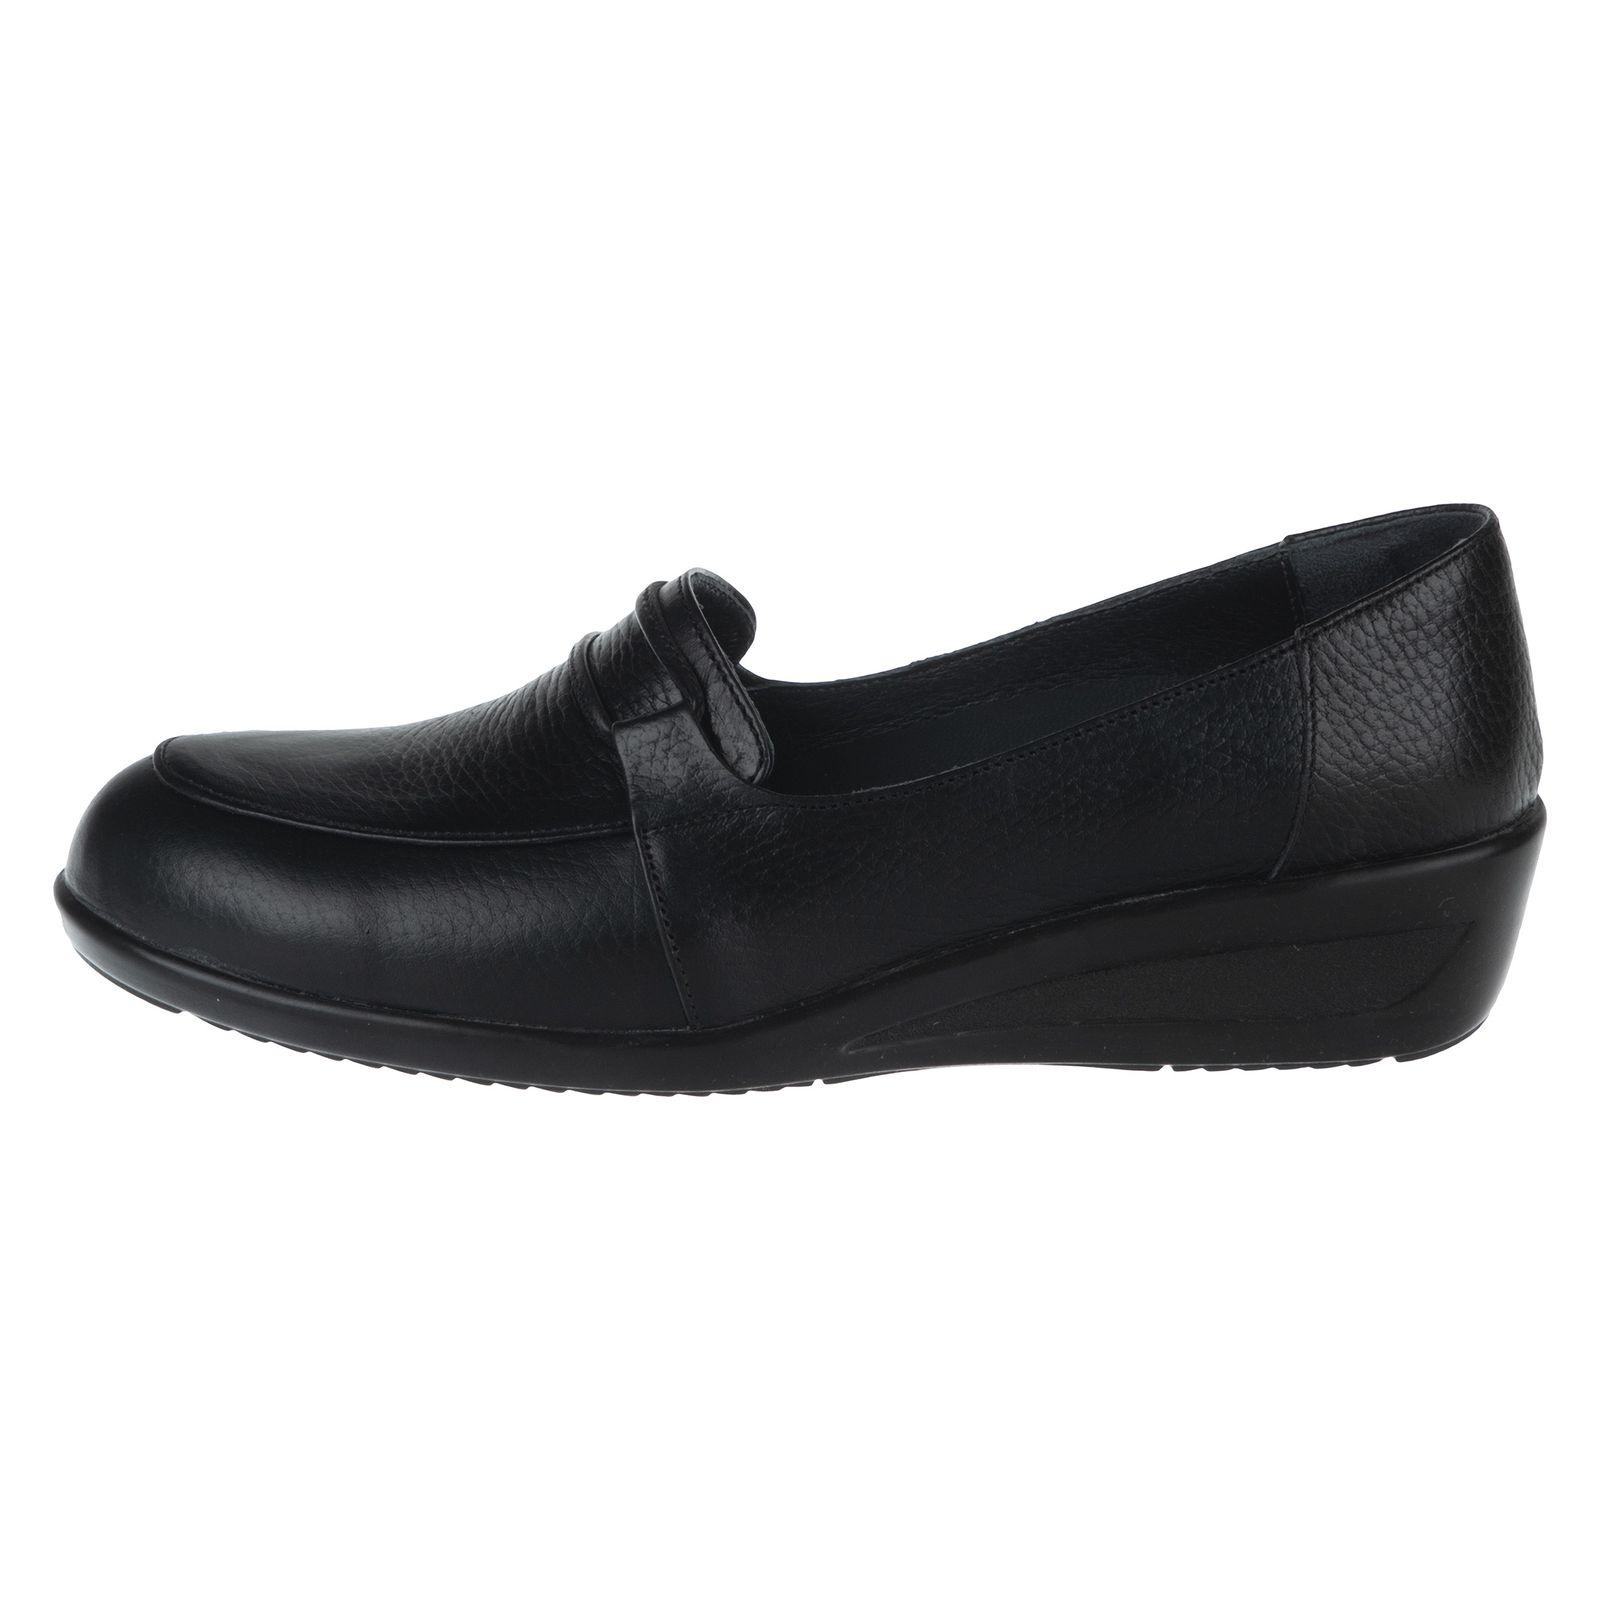 کفش روزمره زنانه شیفر مدل 5279A-101 - مشکی - 2